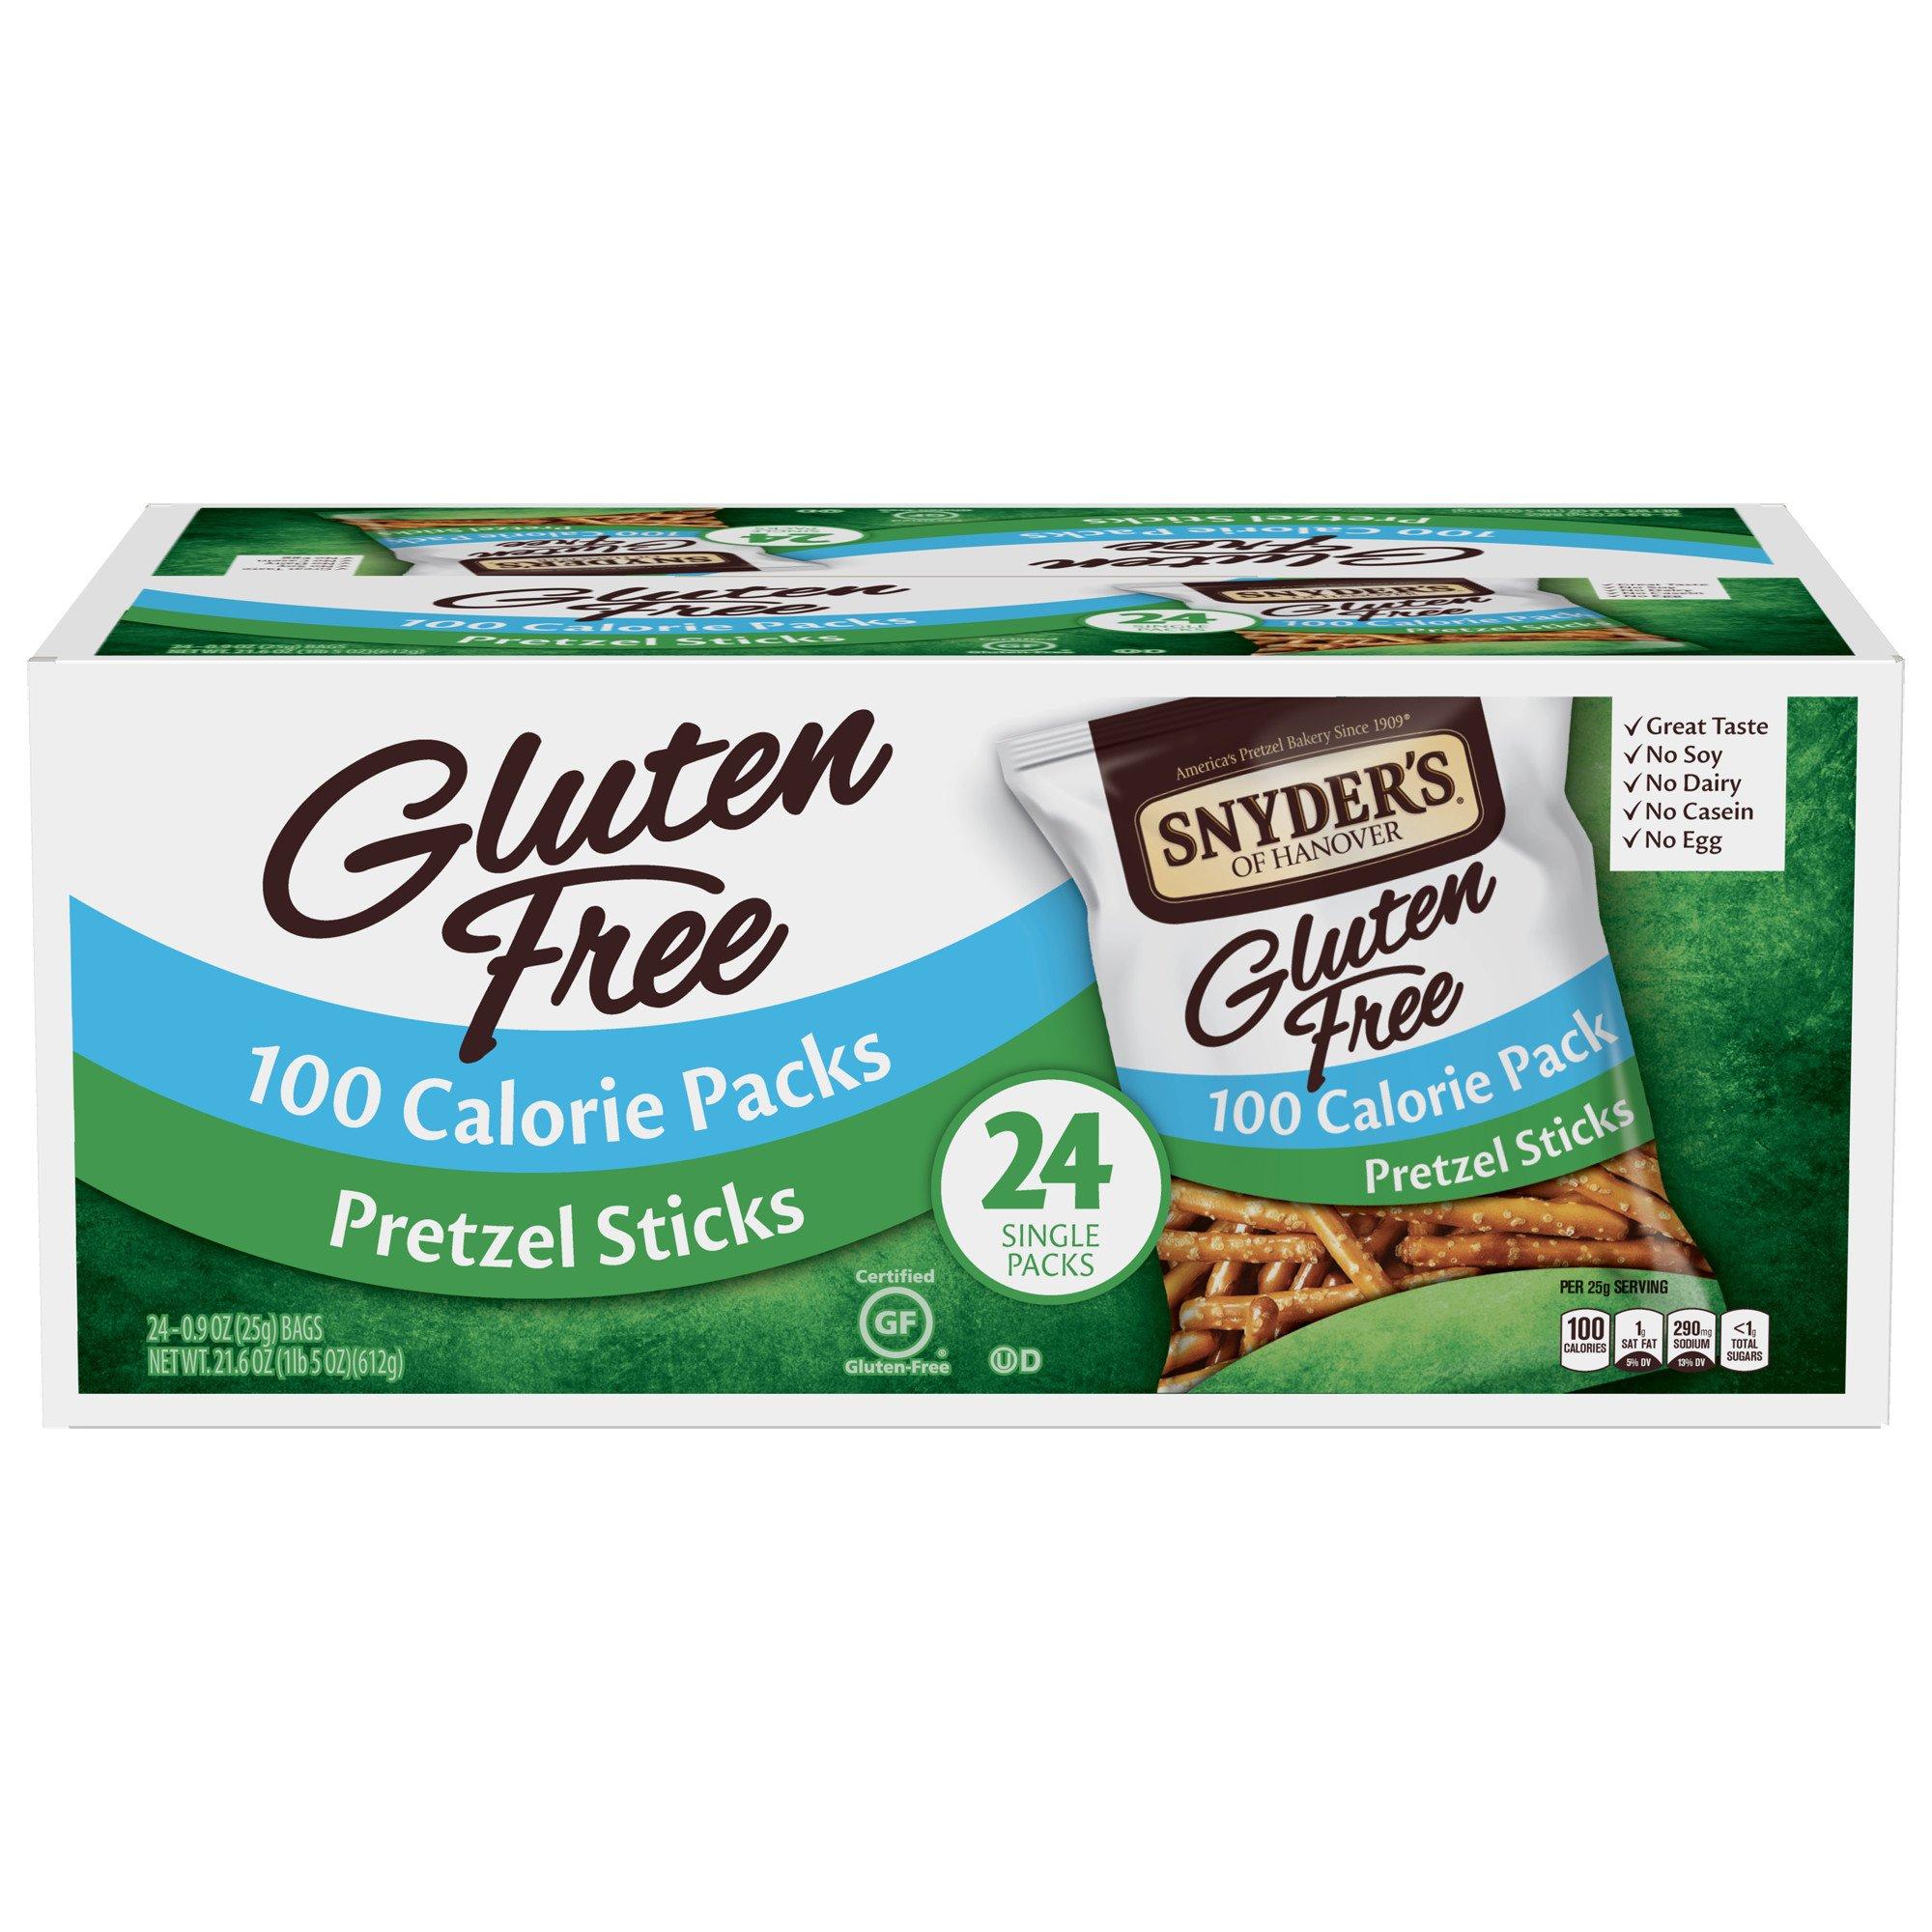 Snyder's of Hanover Gluten Free Pretzel Sticks, 100 Calorie Packs, 24 Count by Snyder's of Hanover